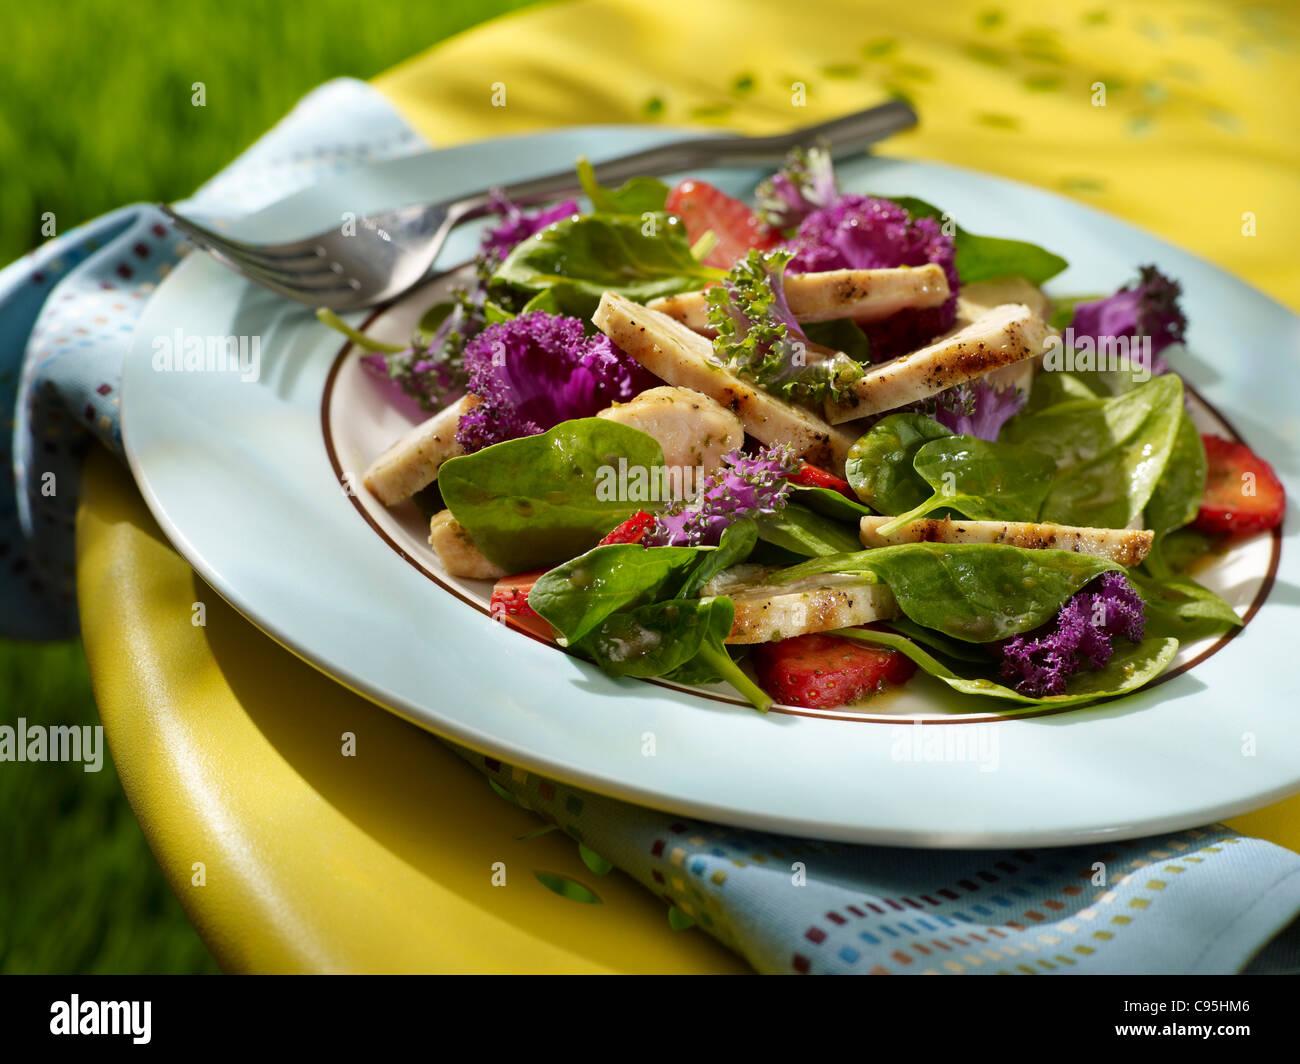 Una fragola insalata di pollo con spinaci in un ambiente esterno Immagini Stock